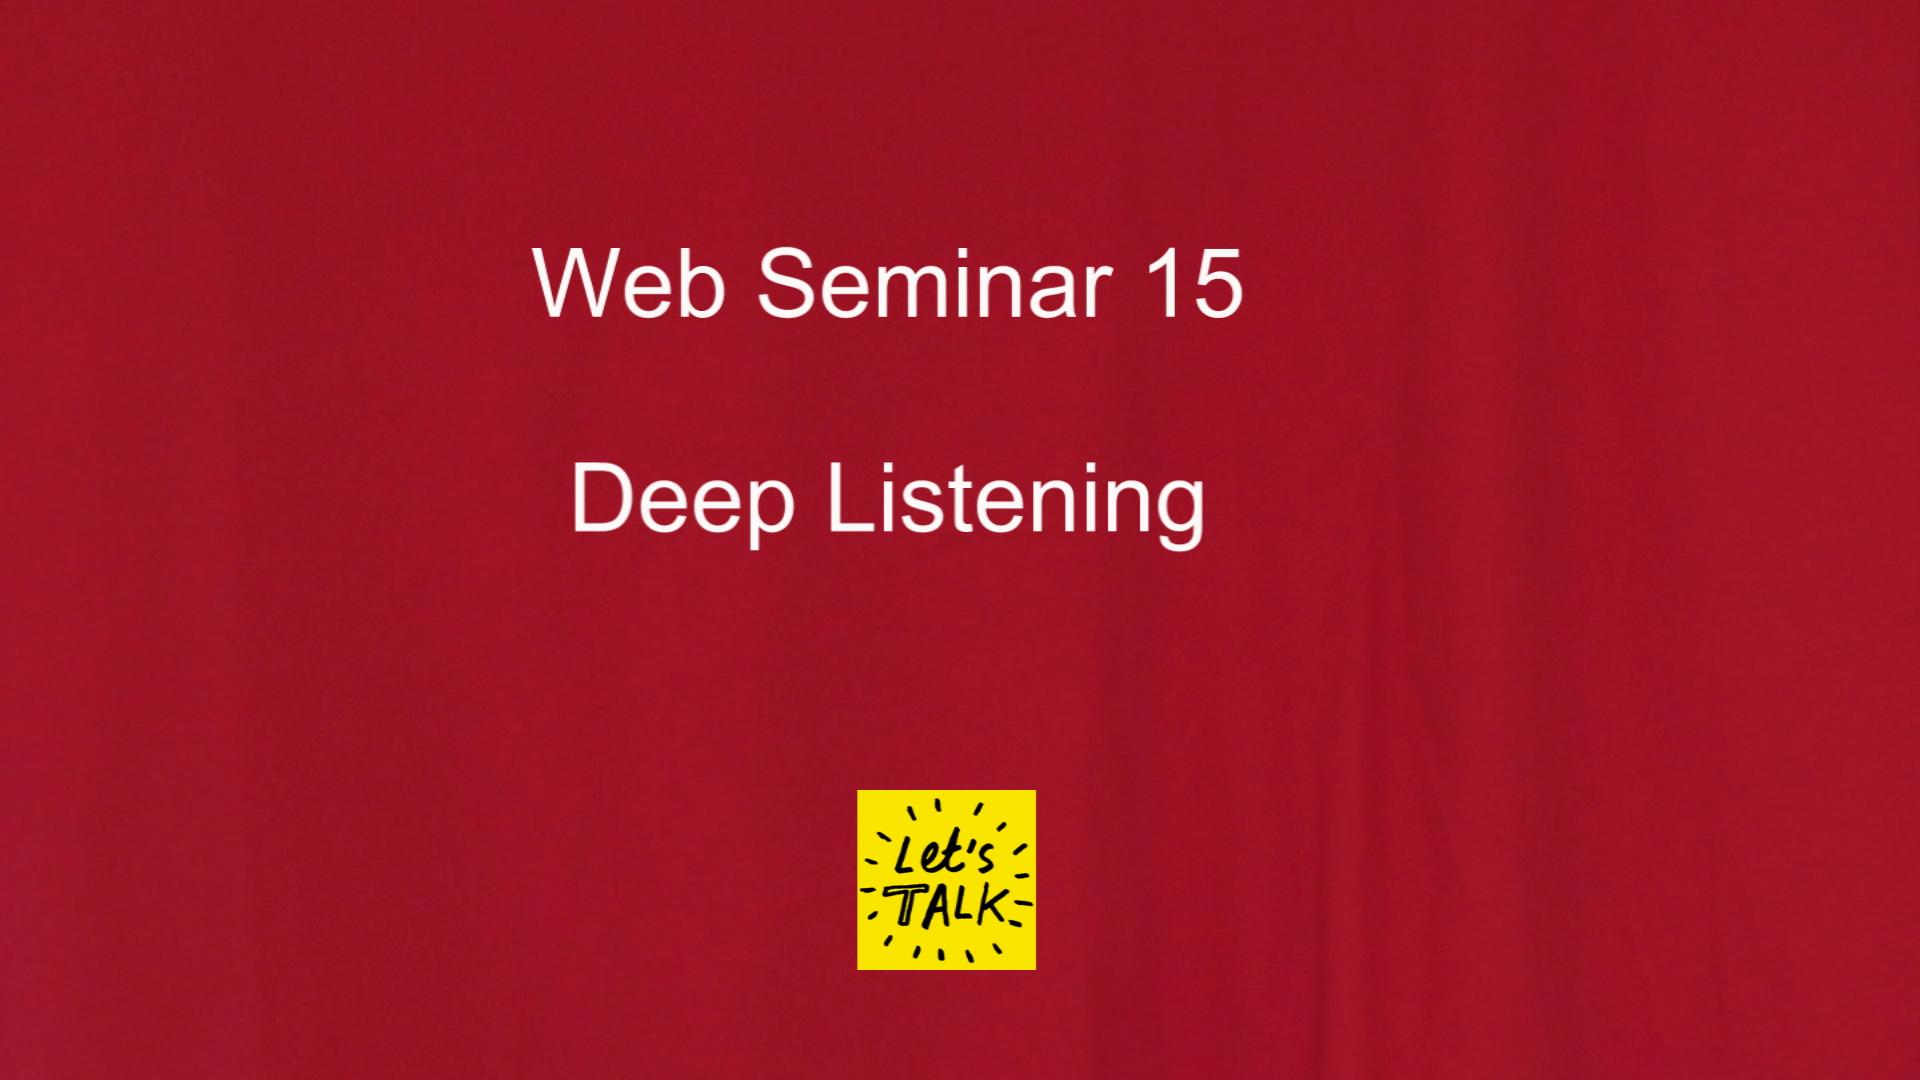 Web Seminar 15 - Deep Listening